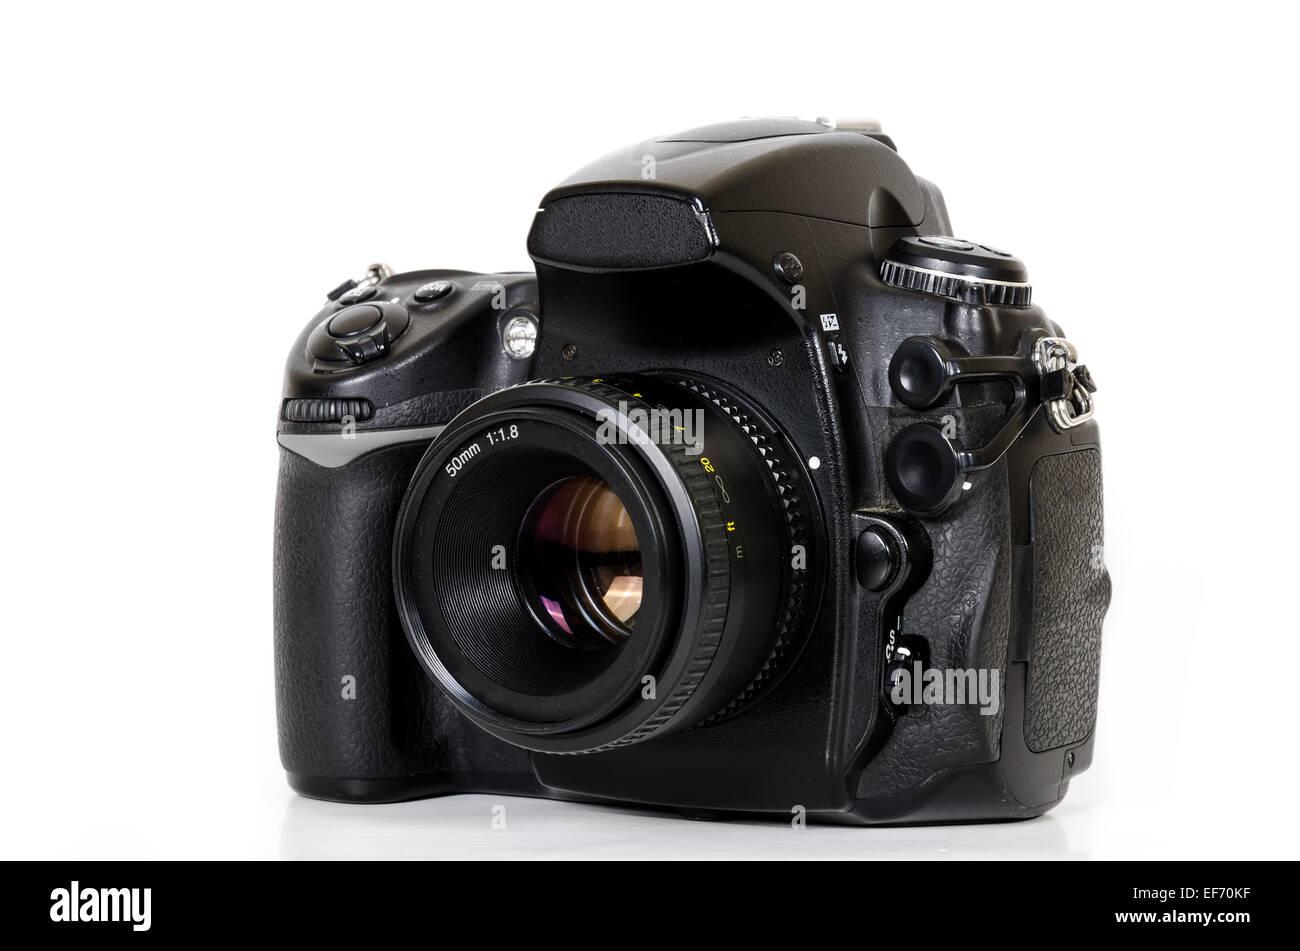 Professional digital black camera isolated on white background - Stock Image